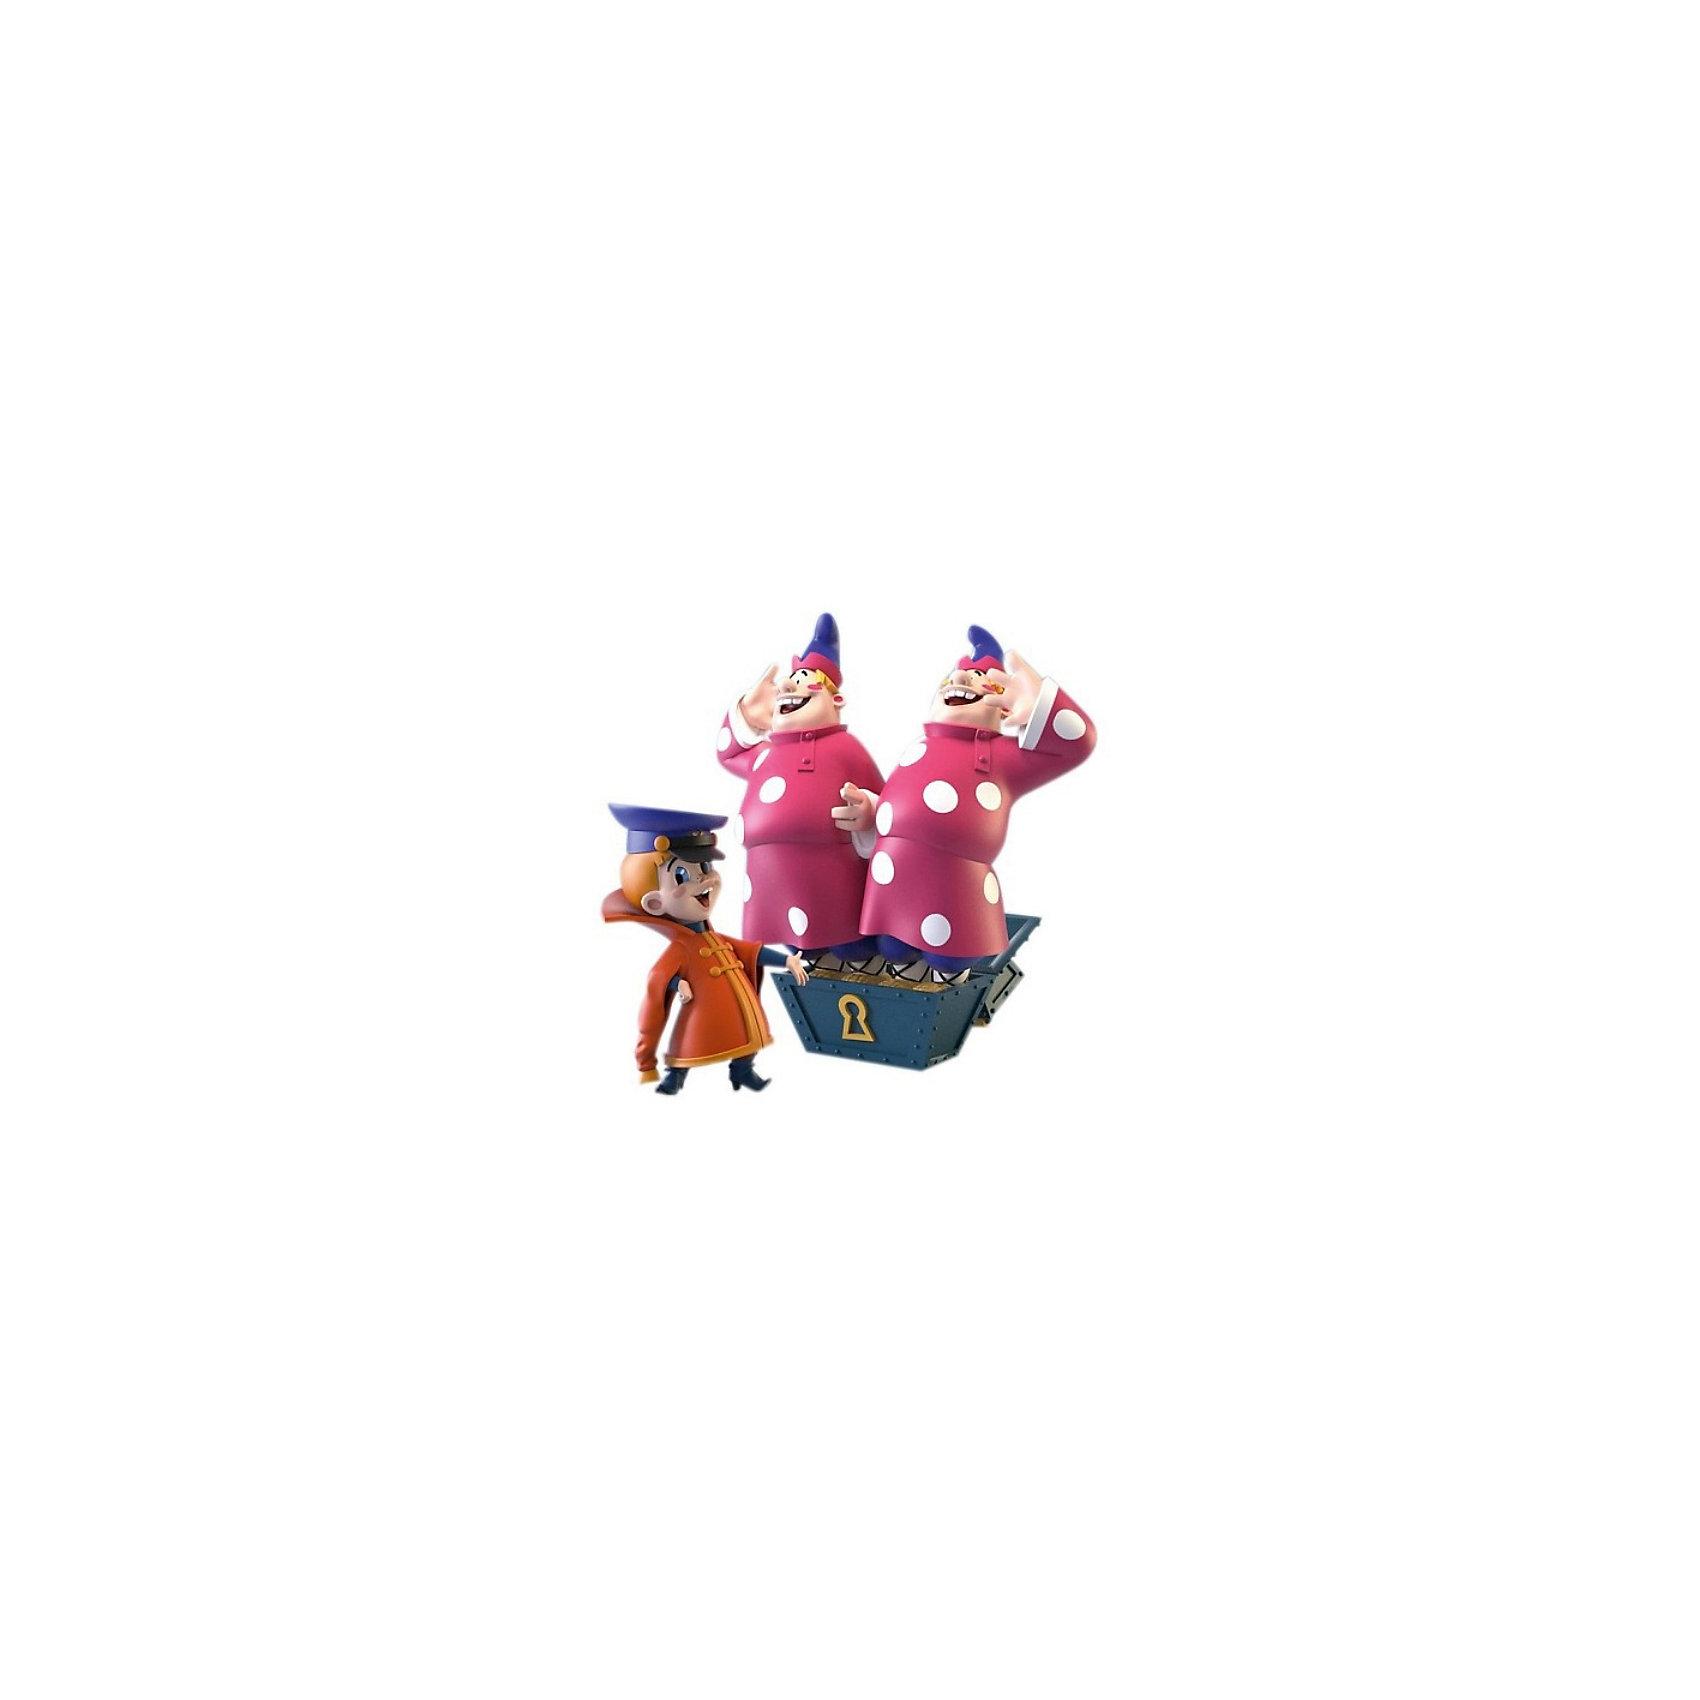 Prostotoys Набор фигурок Вовка и двое из ларца  (м/ф Вовка в тридевятом царстве), Prostotoys настольная игра русский стиль вовка в тридевятом царстве 03844